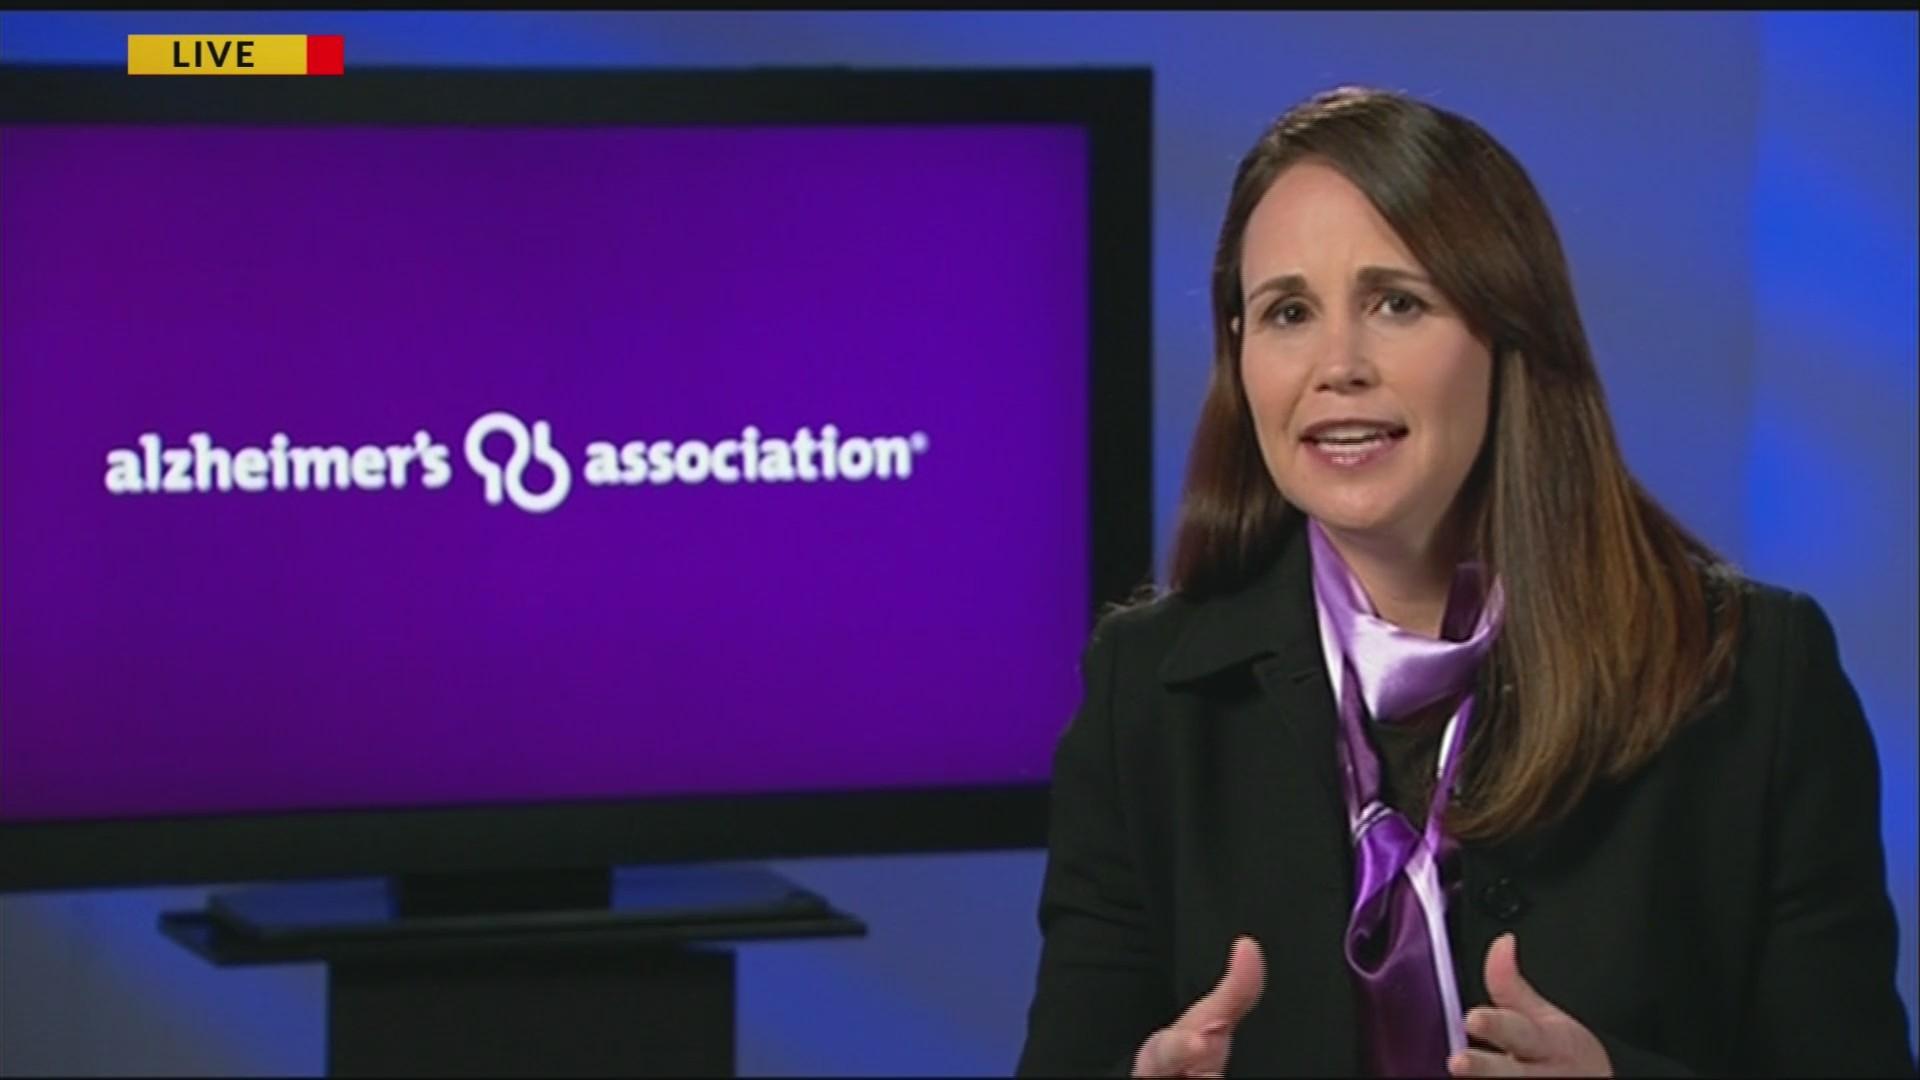 Alzheimer's Report